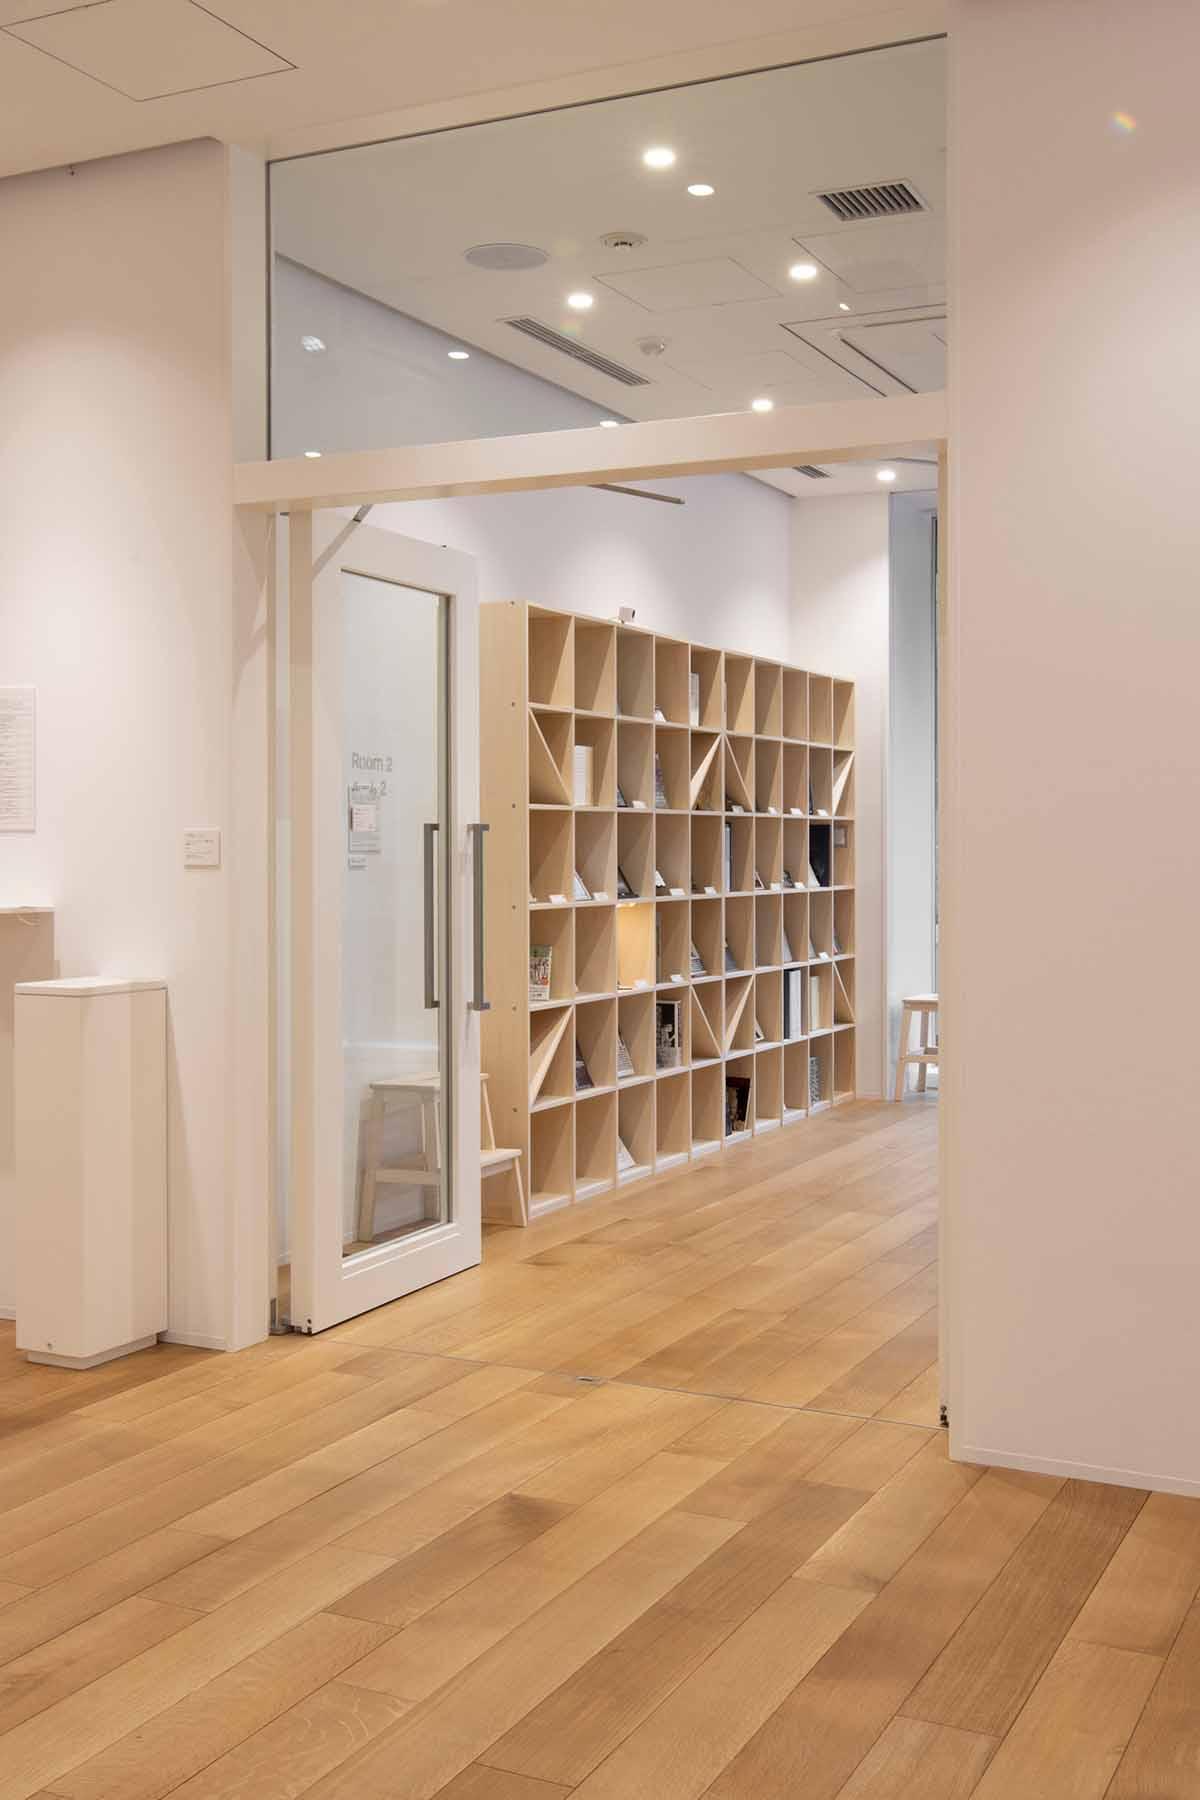 慶応大学アート・センター | 壁一面の本棚 奥行350mm / Shelf (No.131) | マルゲリータ使用例 シンプル おしゃれ 部屋 インテリア レイアウト